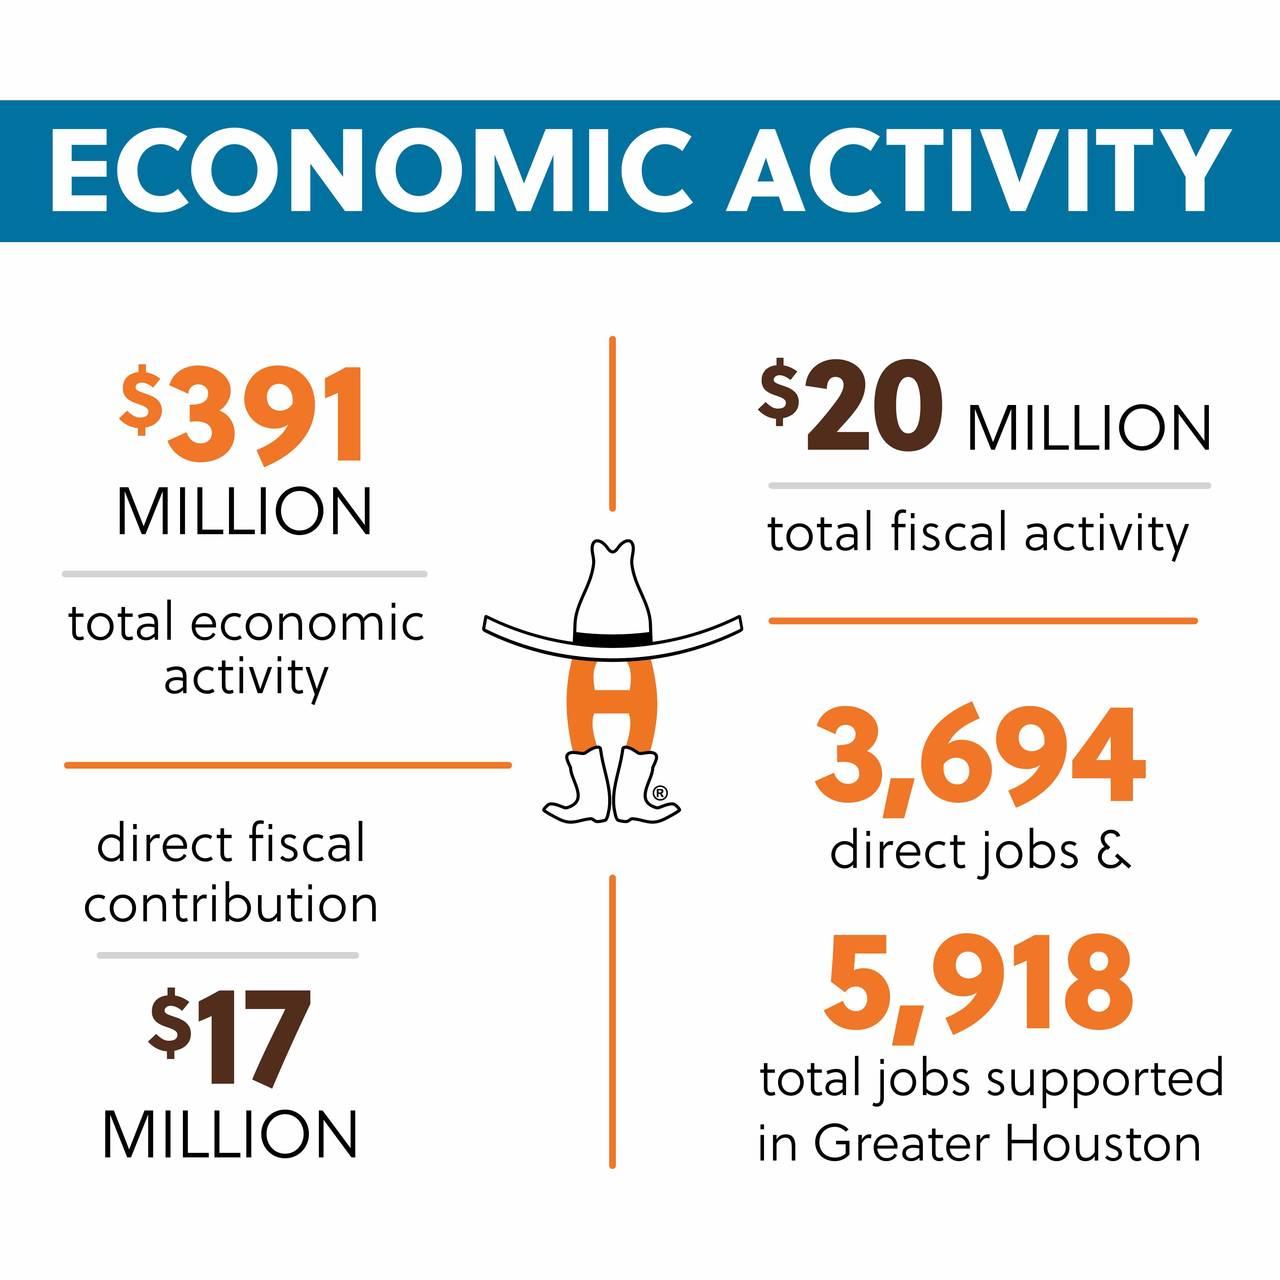 2019_EconomicActivity_1561486509819.jpg